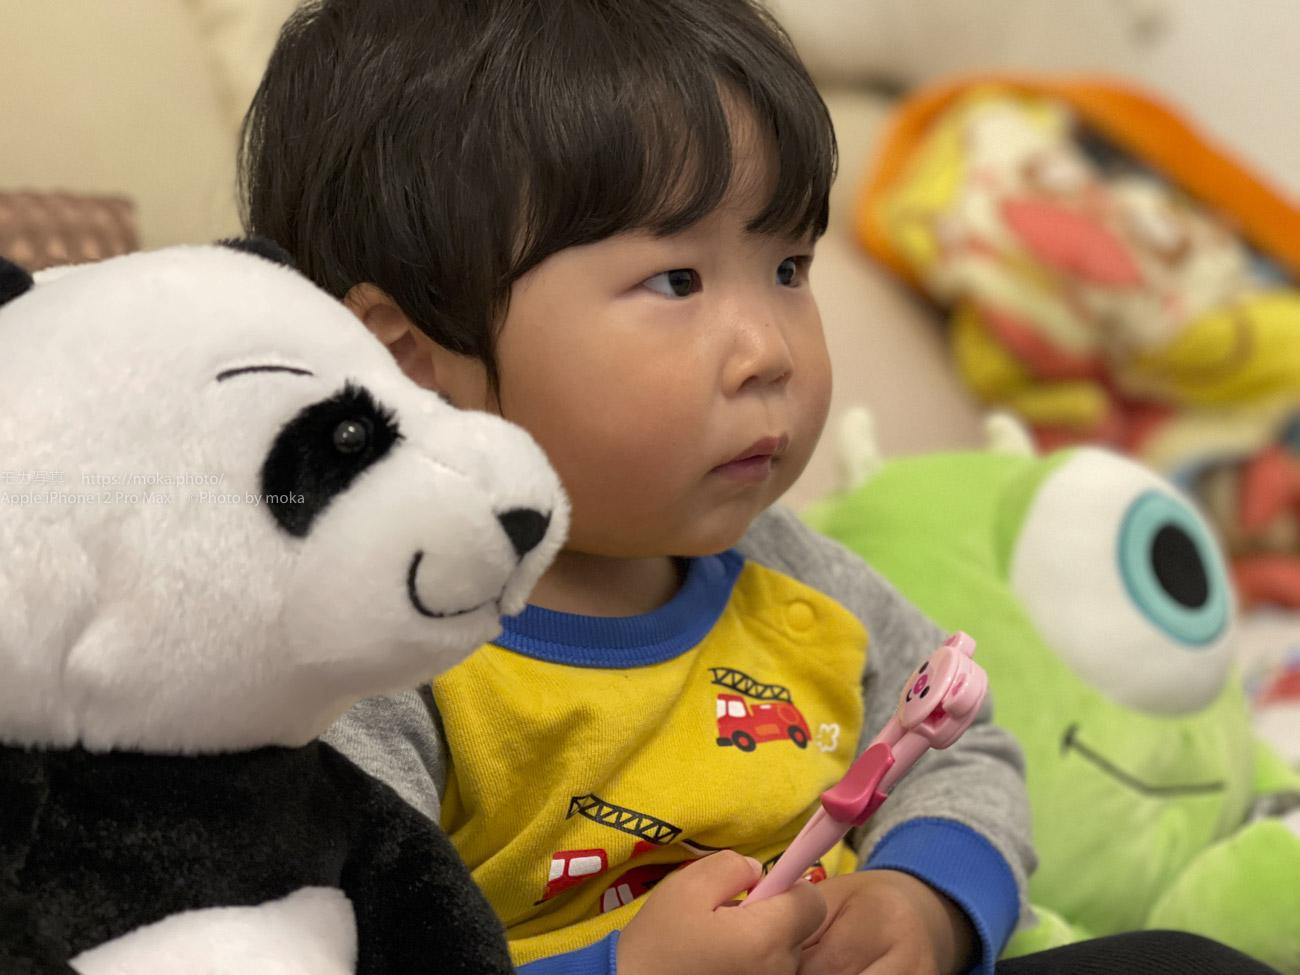 【iPhone写真】「iPhoneで撮ろう」子供の写真!!